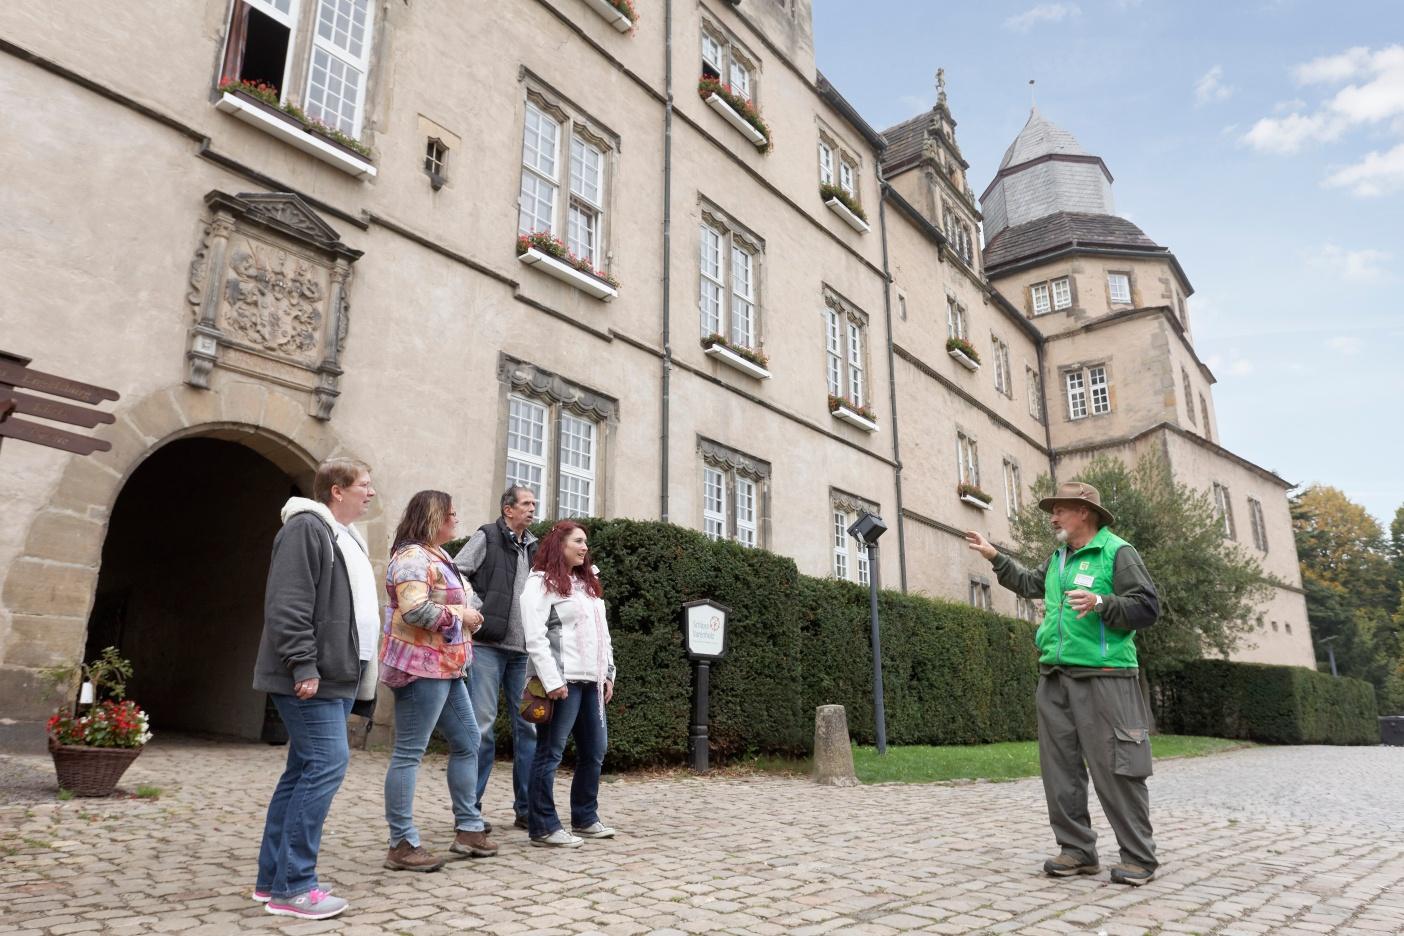 Vor dem Torbogen Schloss Varenholz